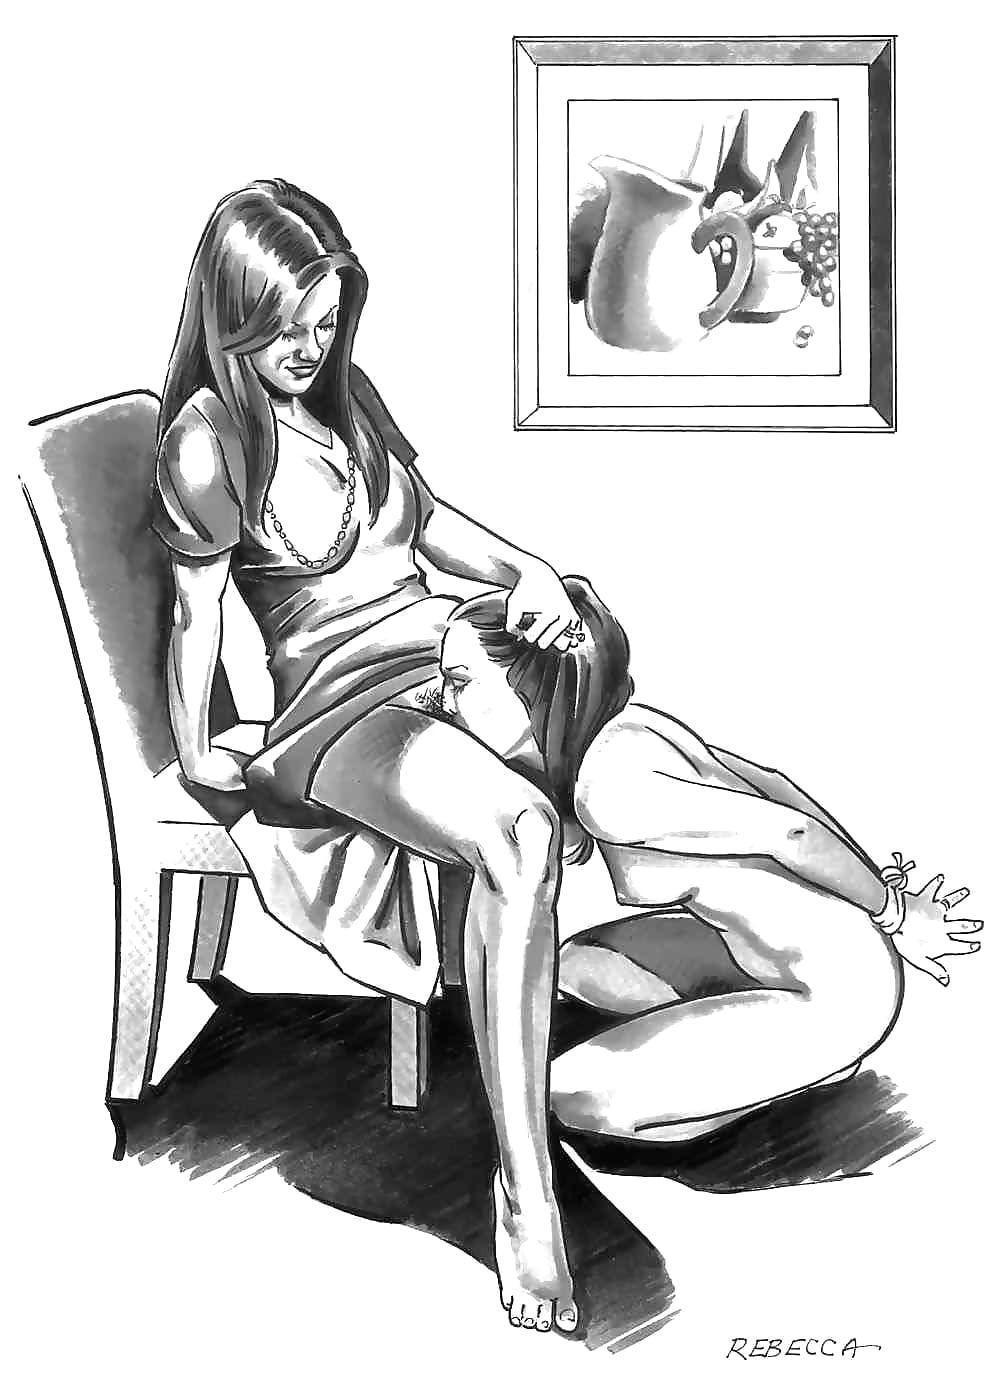 Энн рейтинге пошлые рисованные картинки про кунилингус попки трусиках